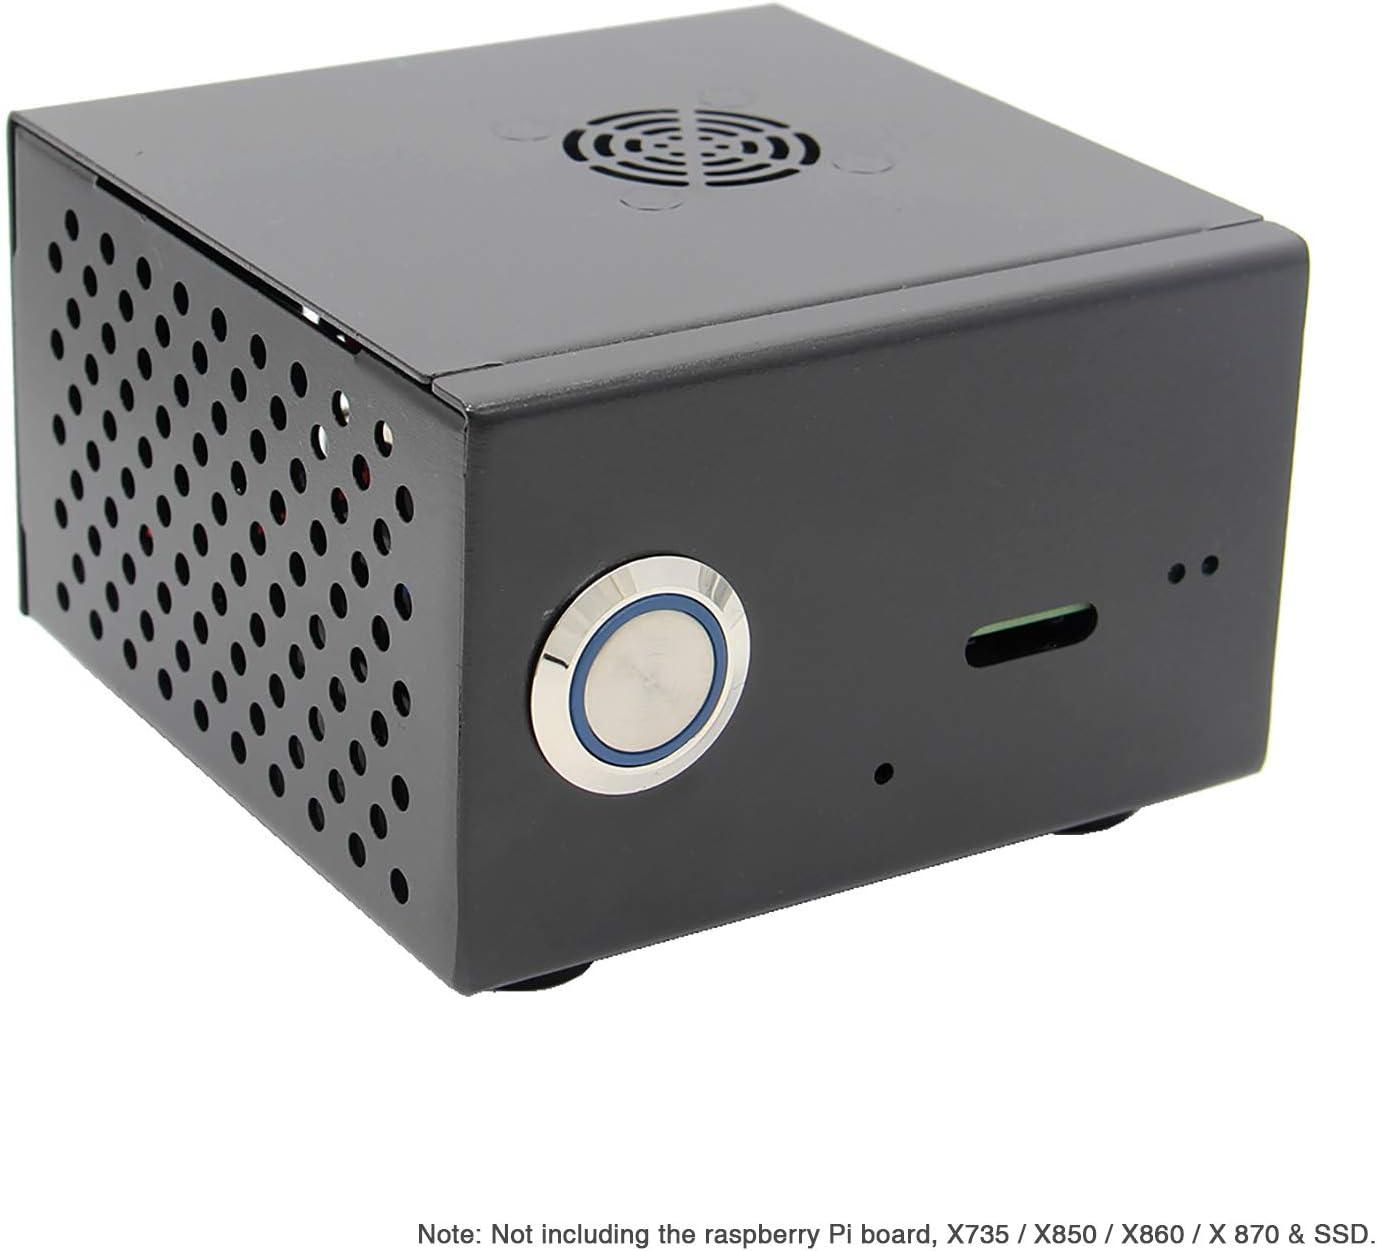 Geekwrom Raspberry Pi X850 V3.0 mSATA SSD Caja de expansión de Metal con Kit de Ventilador de refrigeración, Carcasa para X850 V3.0 Board y Raspberry Pi 3 Modelo B+ / 3B /2B: